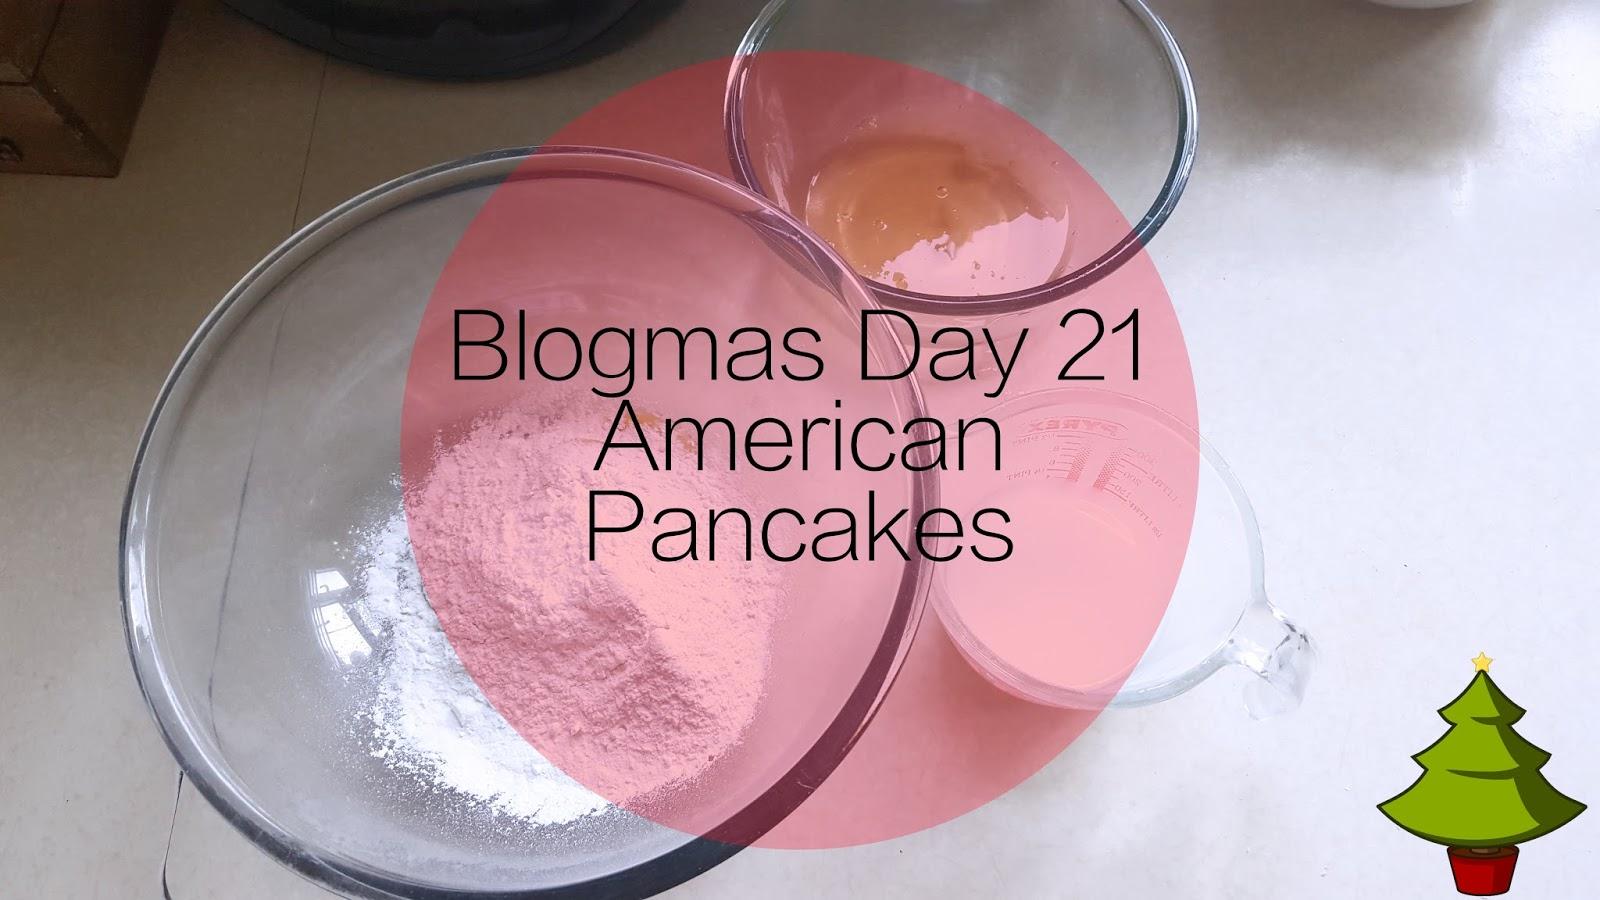 #Blogmas Day 21 | American Pancakes